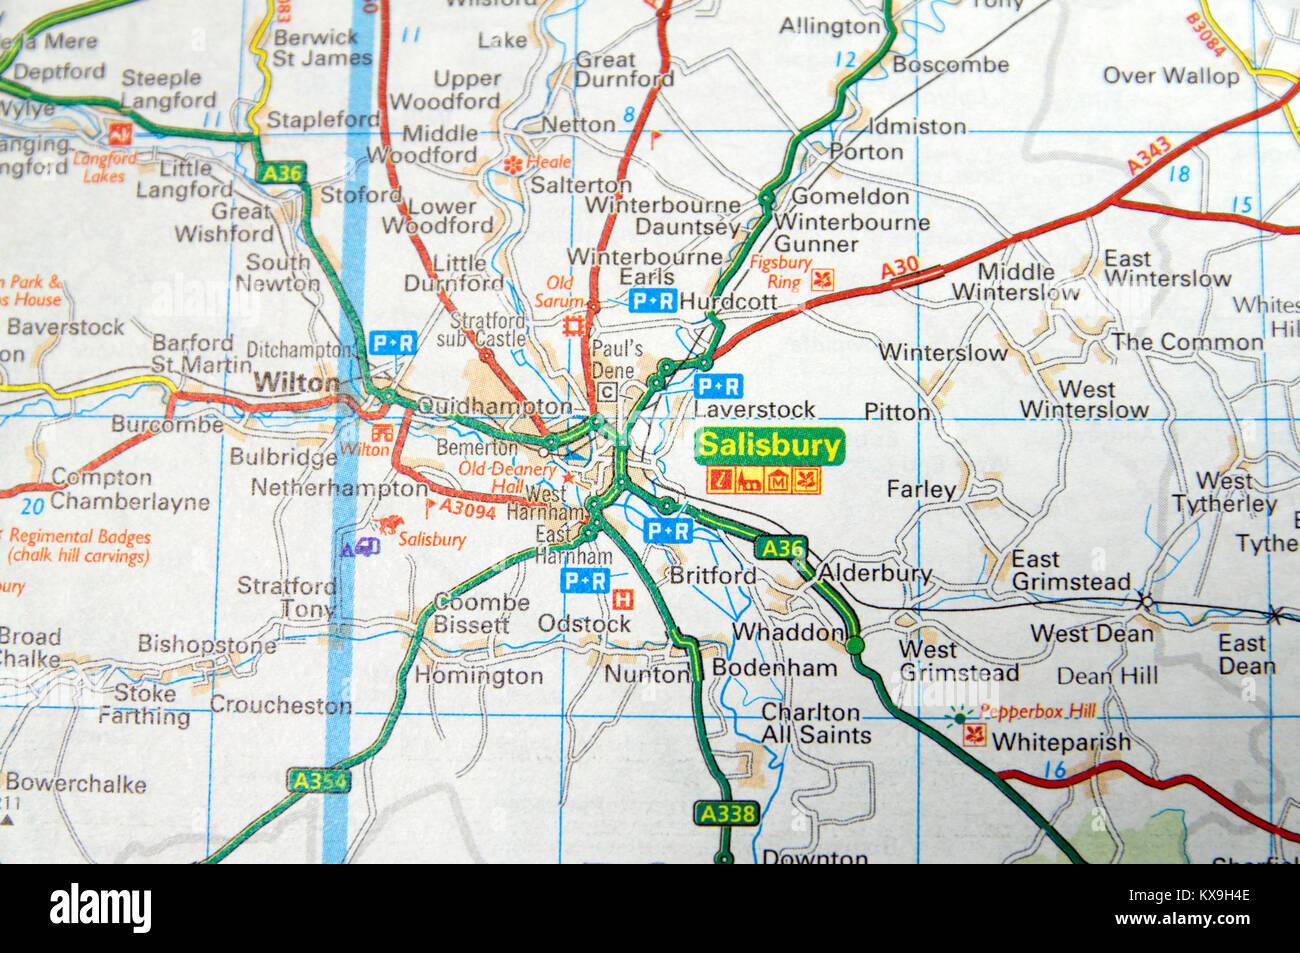 Road Map Of Salisbury England Stock Photo 171085390 Alamy